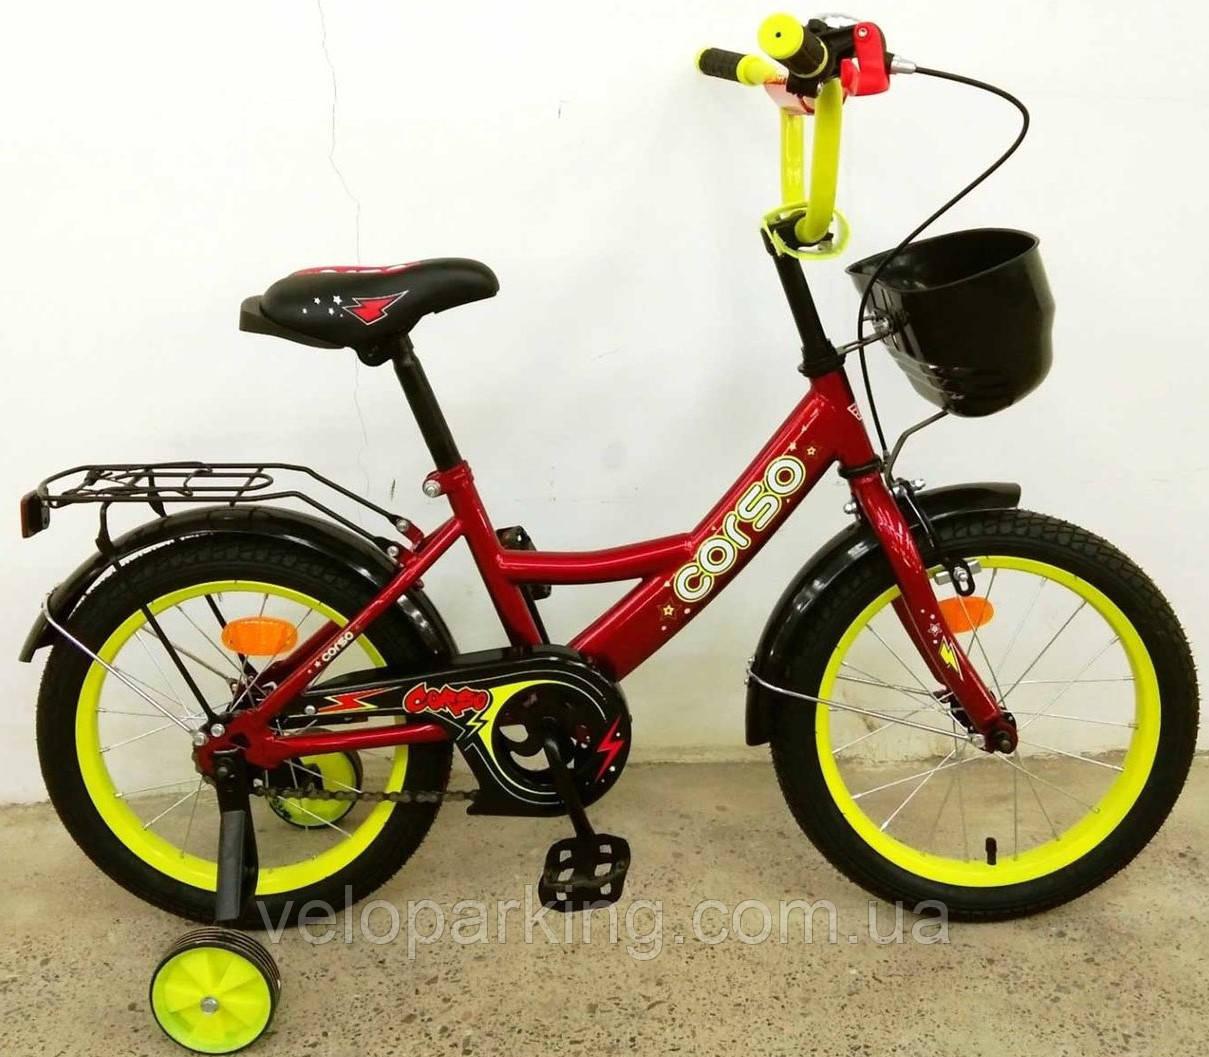 Детский велосипед Corso 16 дюймов (2019) new